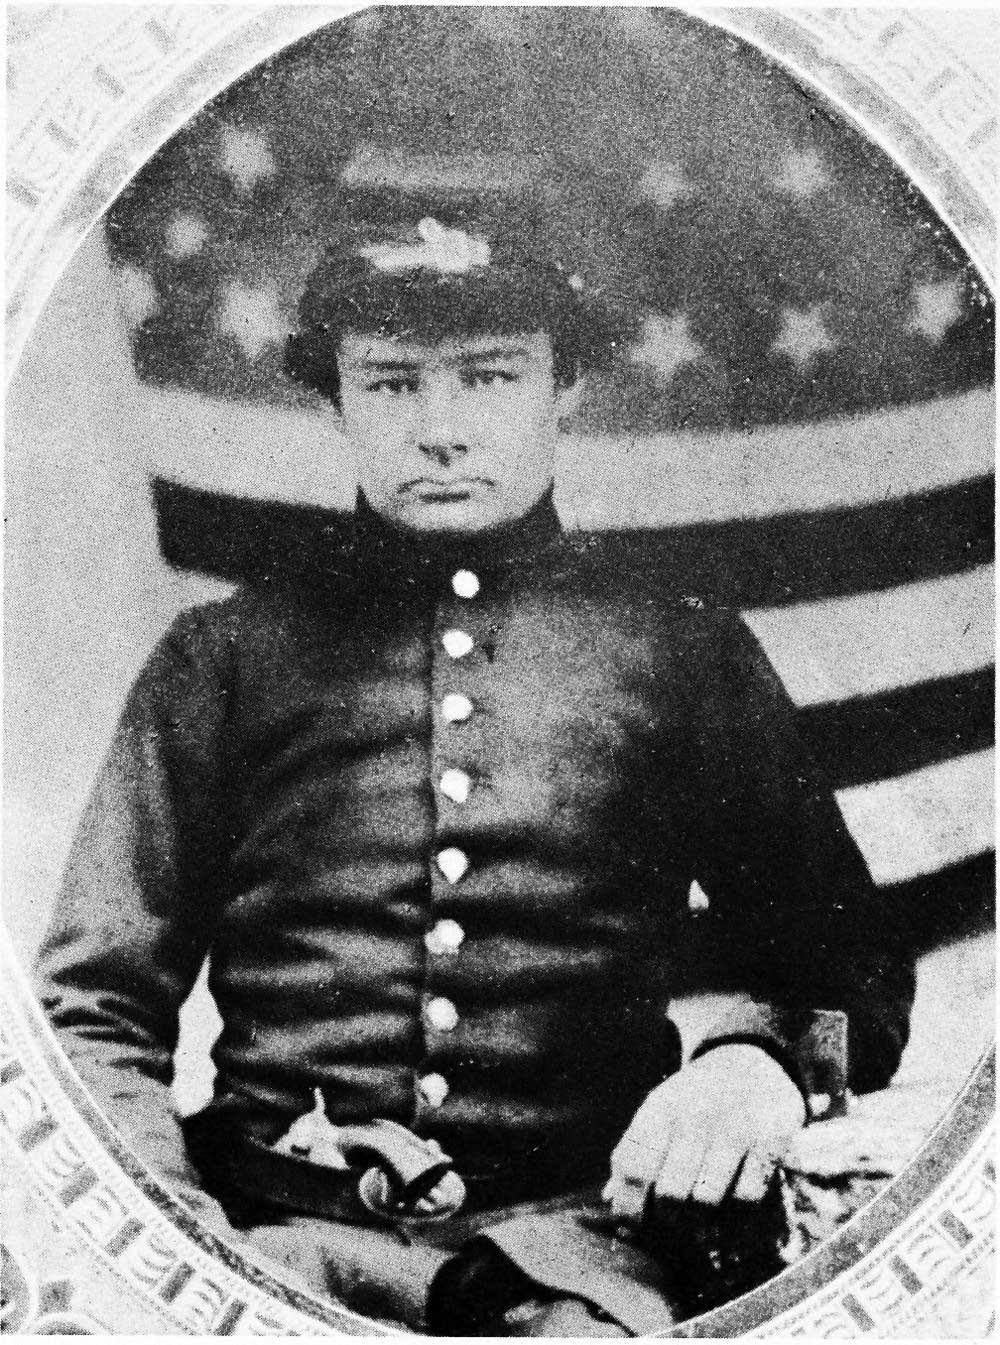 Sgt. Edward Bassett